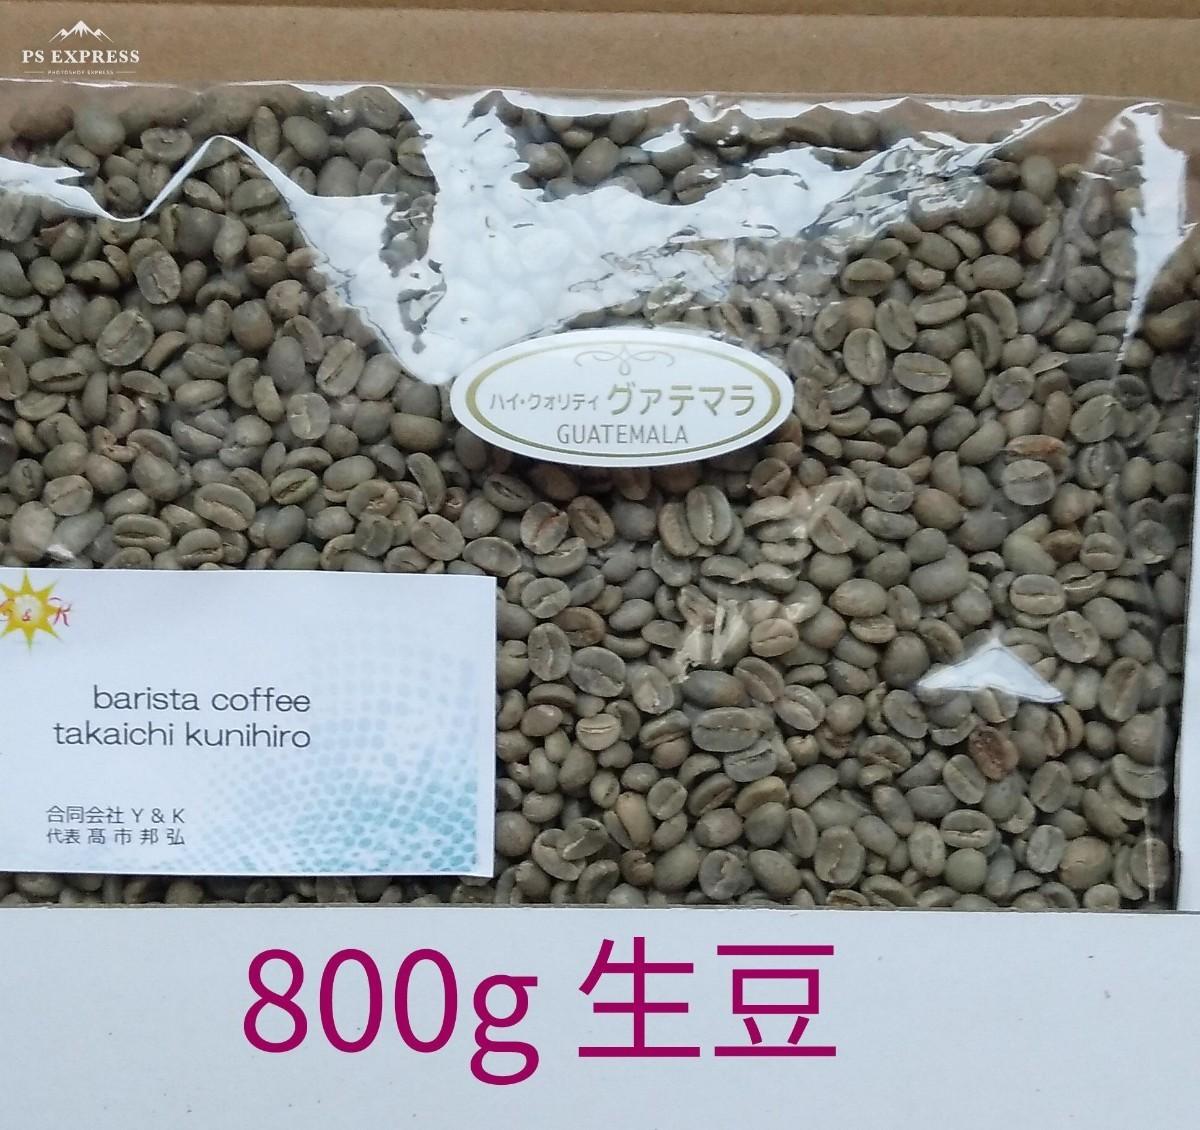 入荷しました、コーヒー豆 グアテマラ 800g 焙煎用生豆